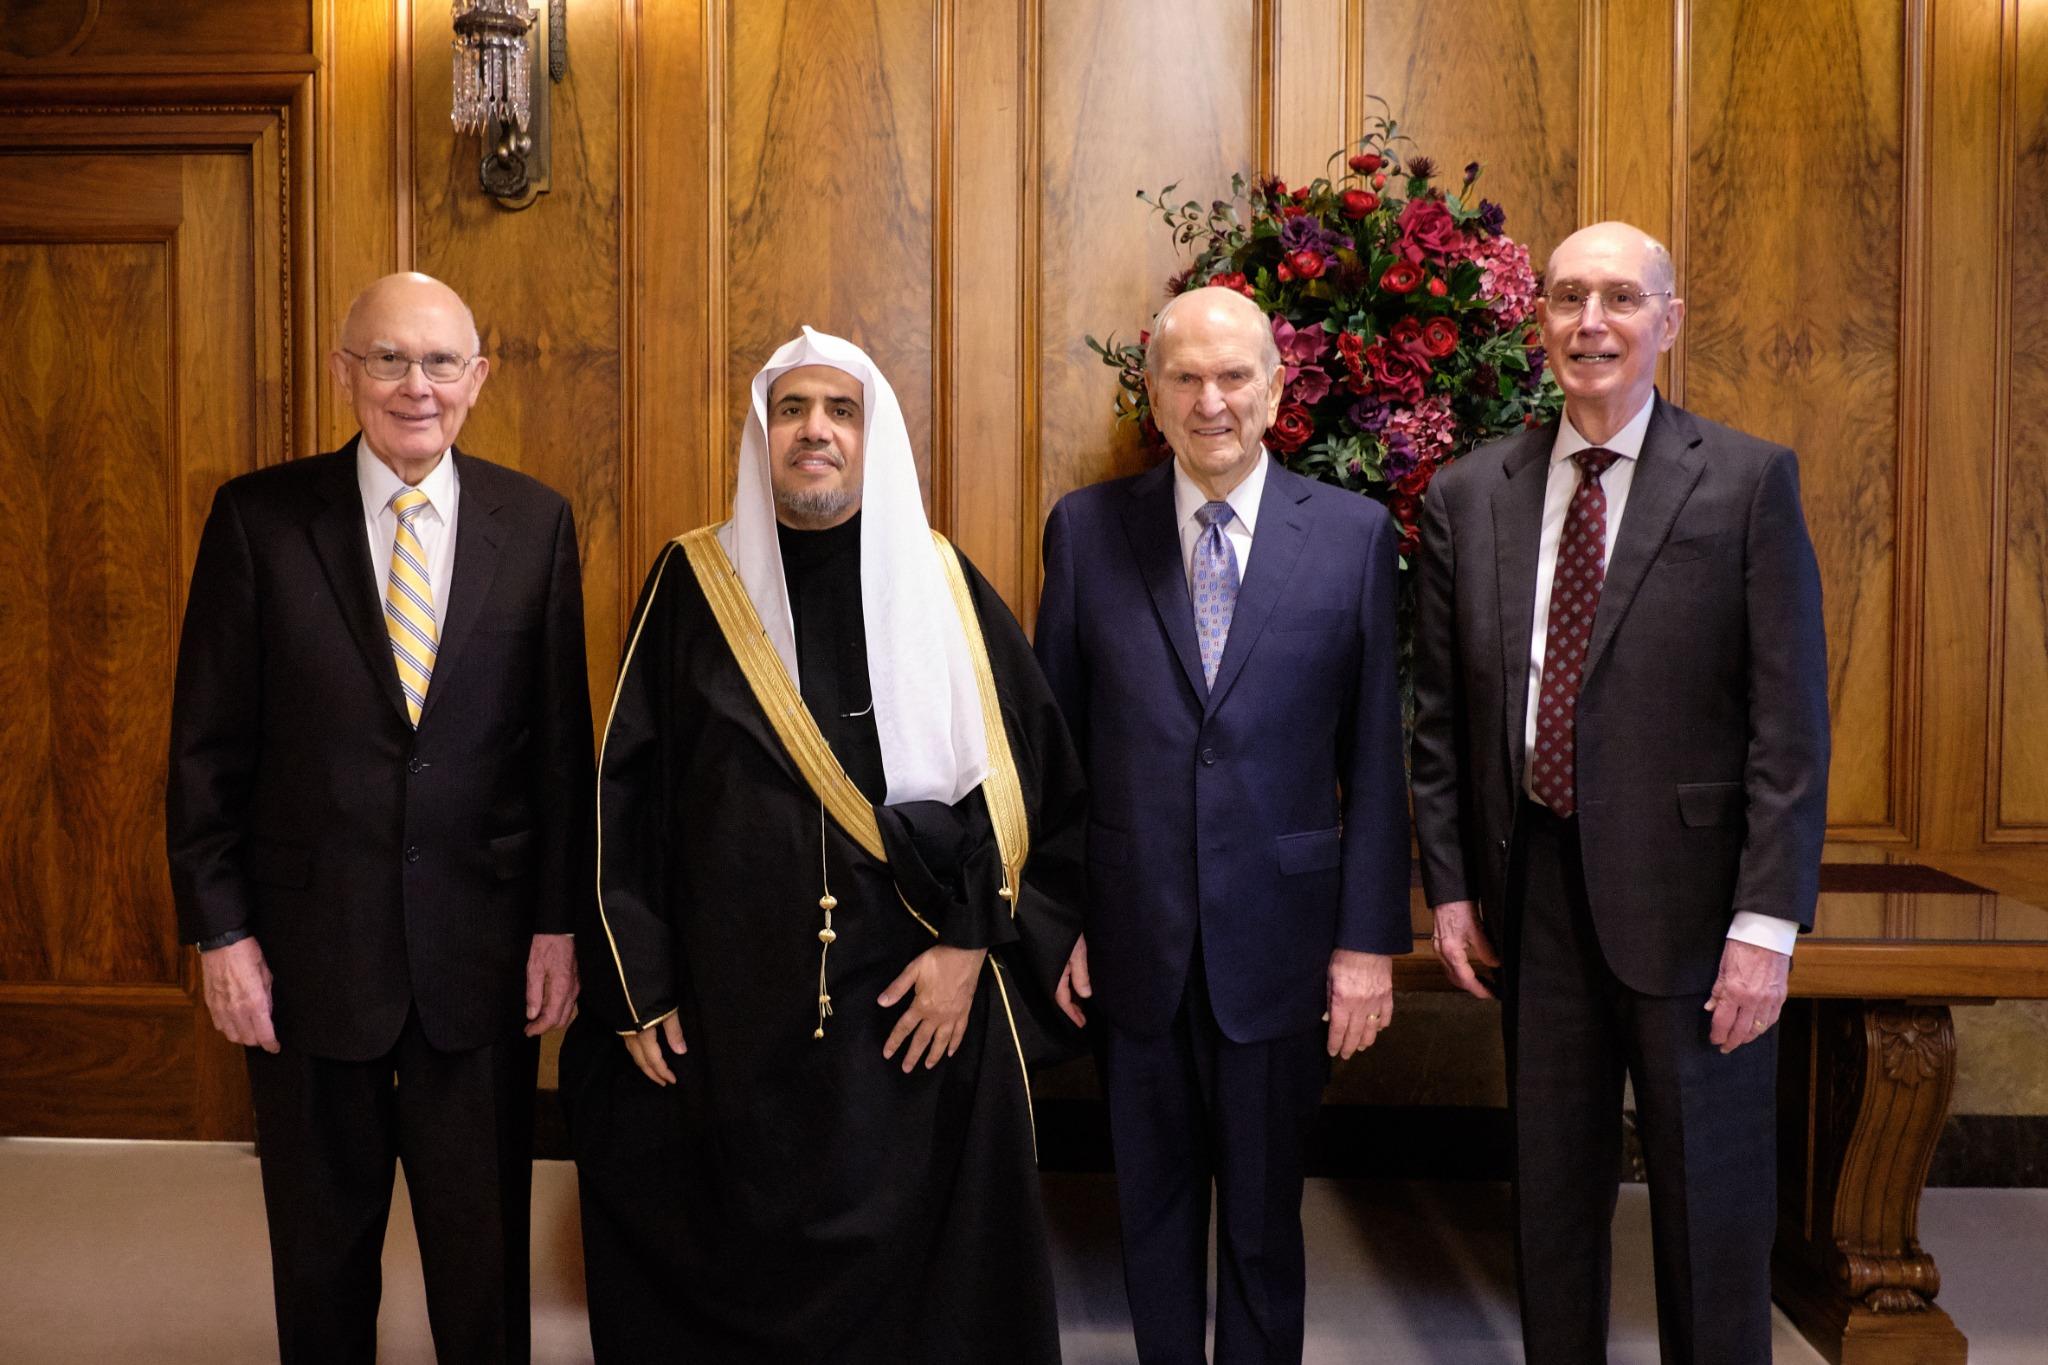 Membros da Primeira Presidência de A Igreja de Jesus Cristo dos Santos dos Últimos Dias encontram Sua Excelência o Dr. Mohammad Al-Issa, secretário-geral da Liga Mundial Muçulmana, em 5 de novembro de 2019.